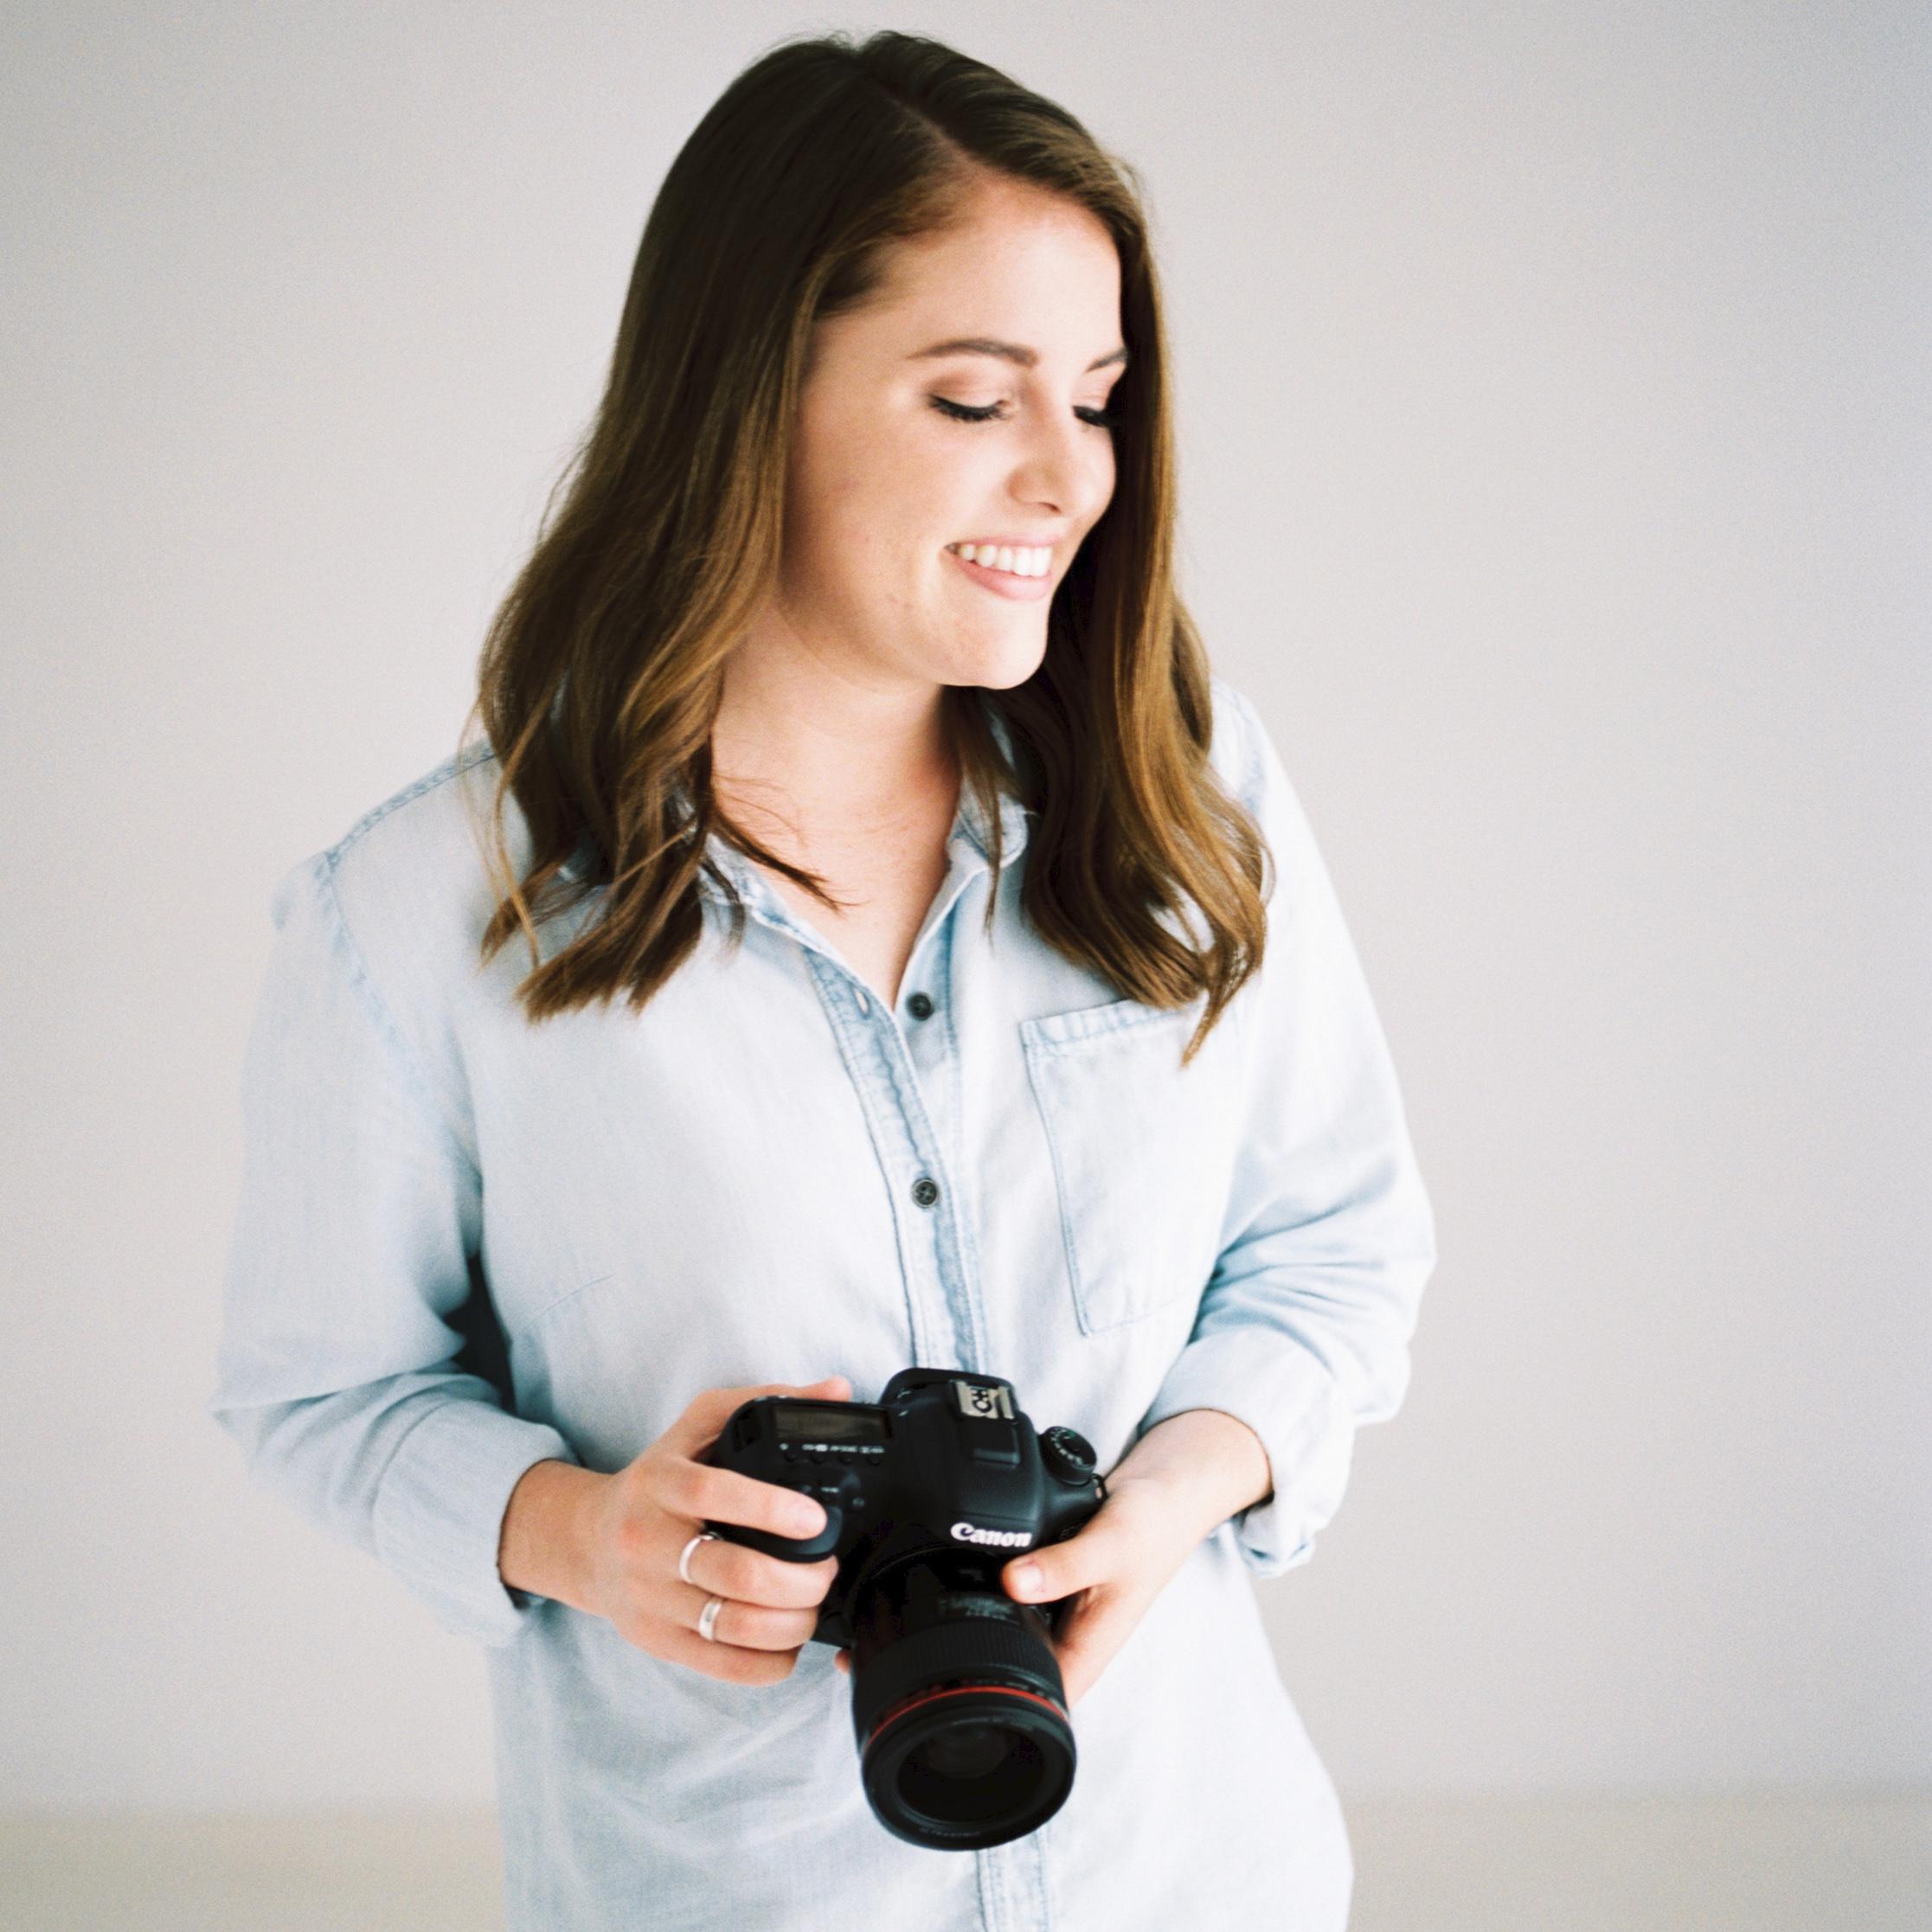 Photographer_Portrait_Session